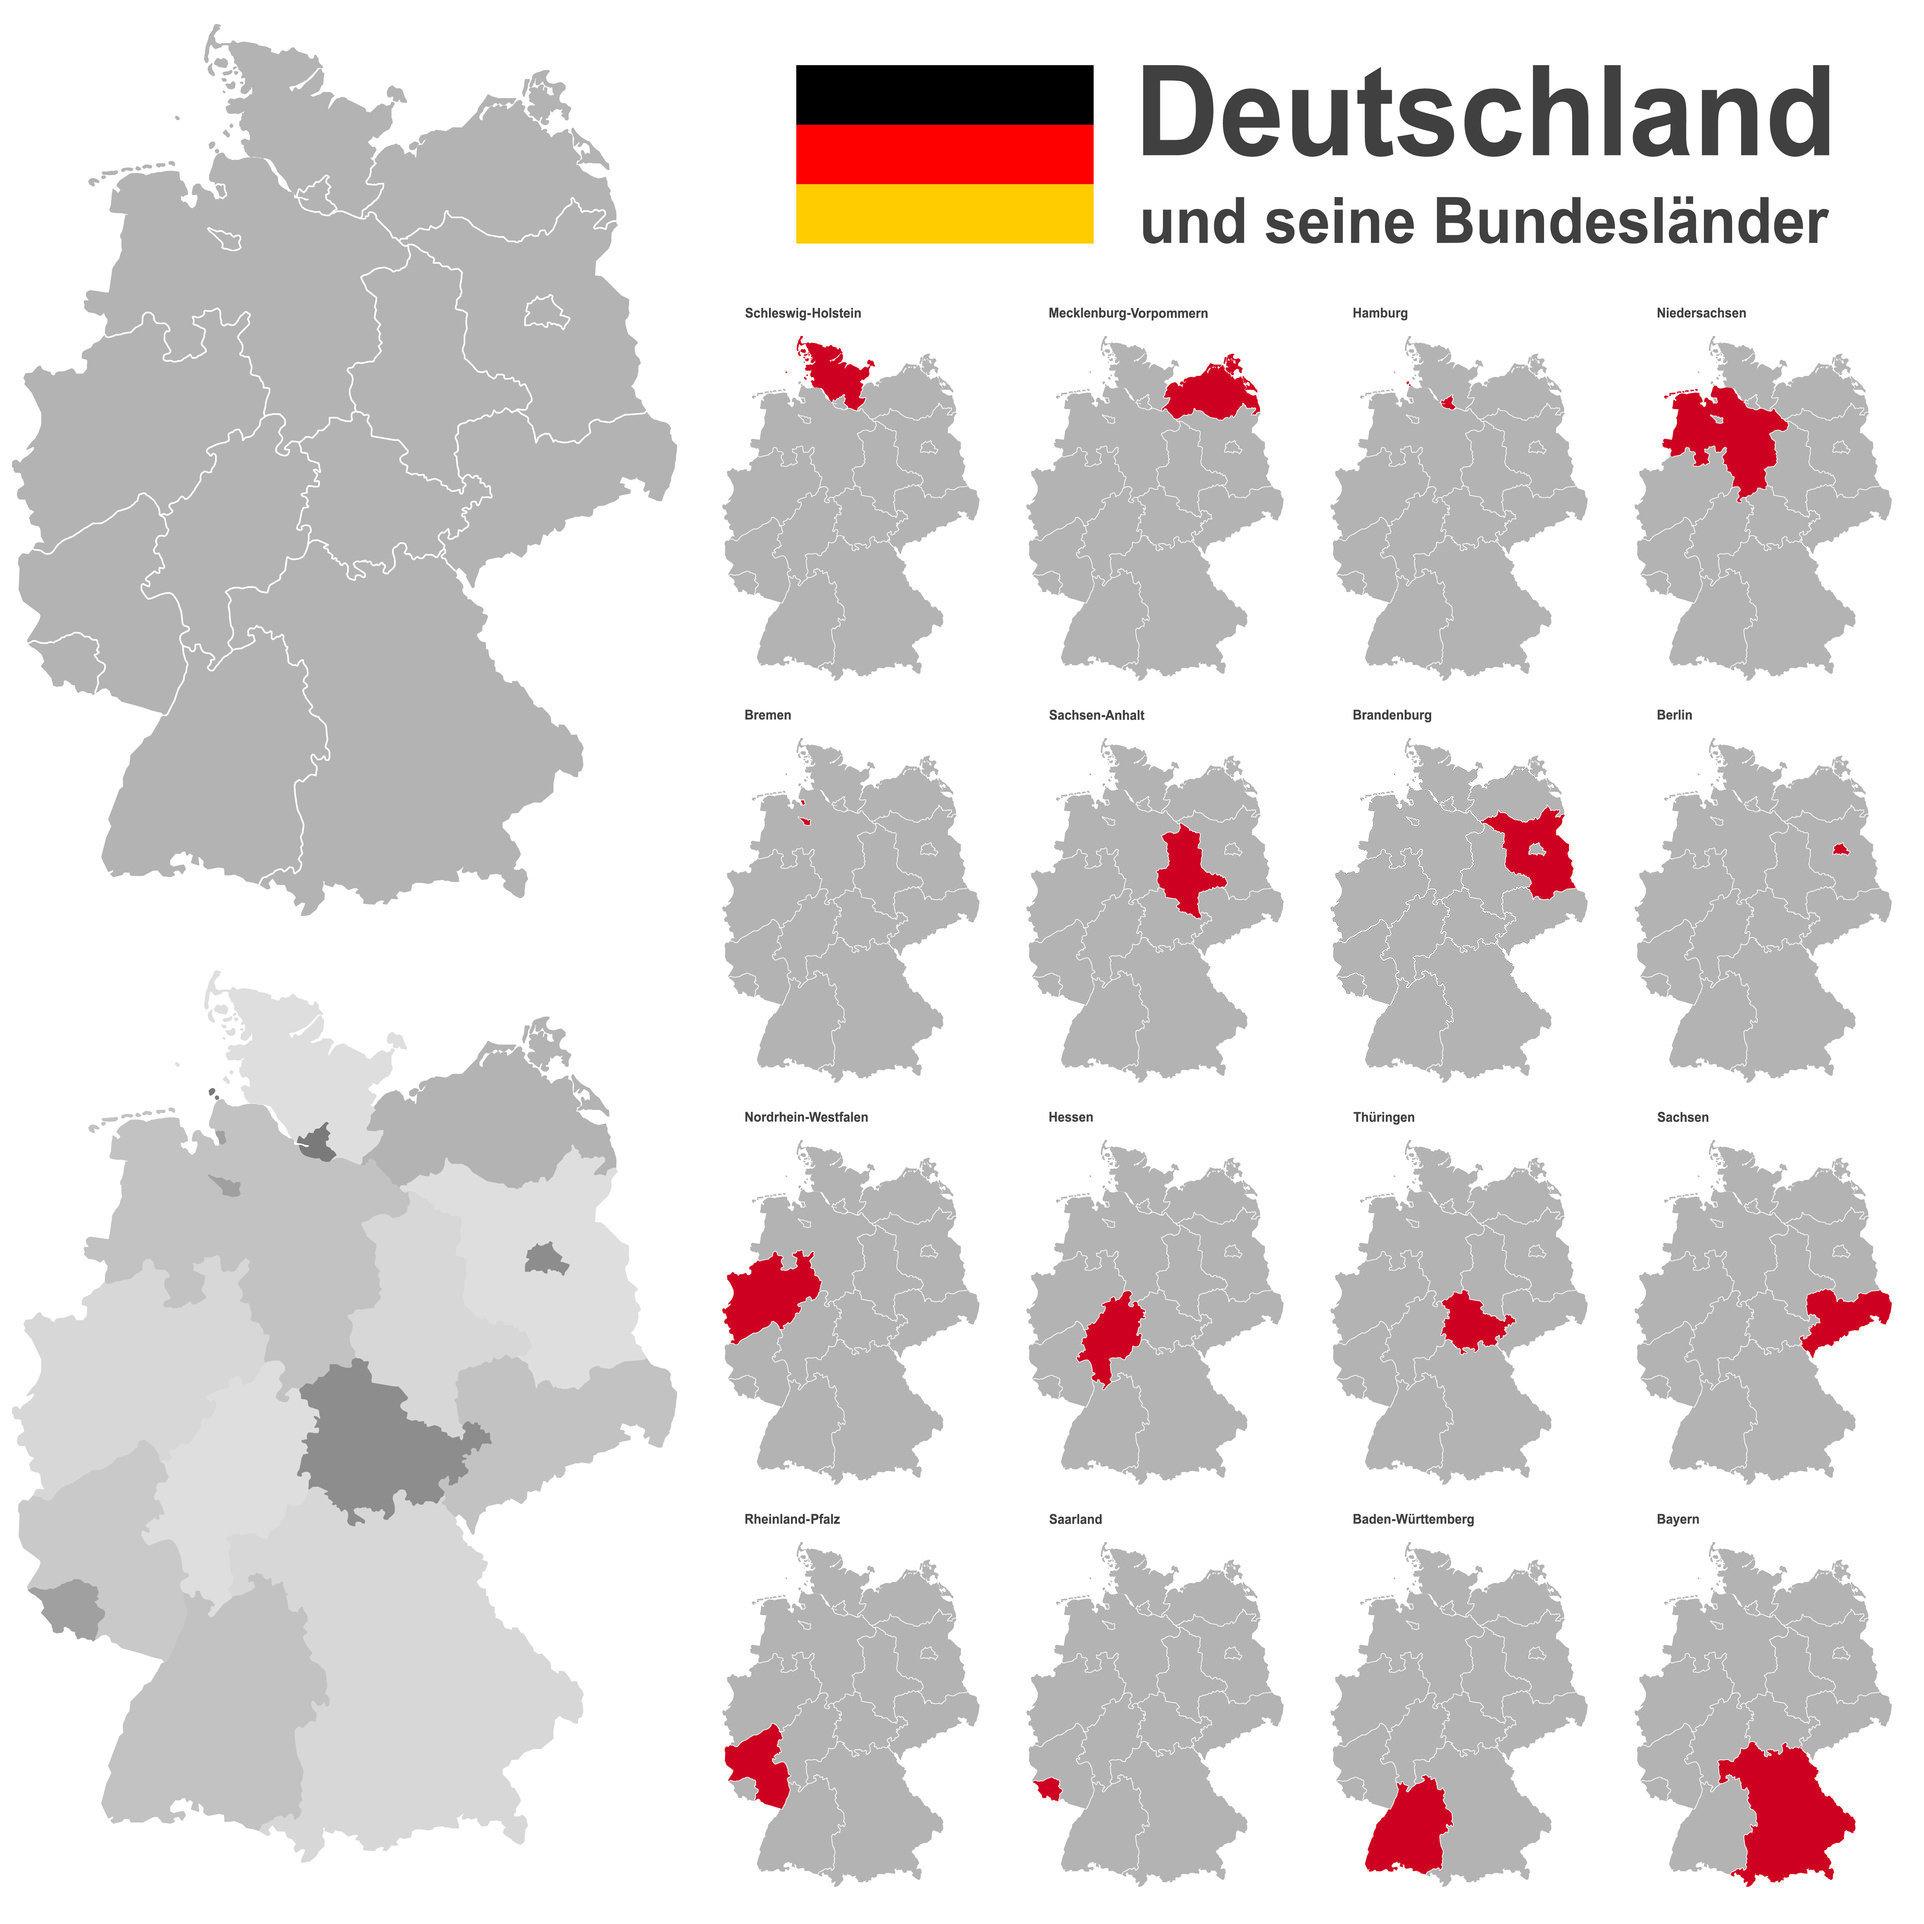 Wie Heißen Die 16 Bundesländer Von Deutschland Und Ihre mit Die Deutschen Bundesländer Und Ihre Hauptstädte